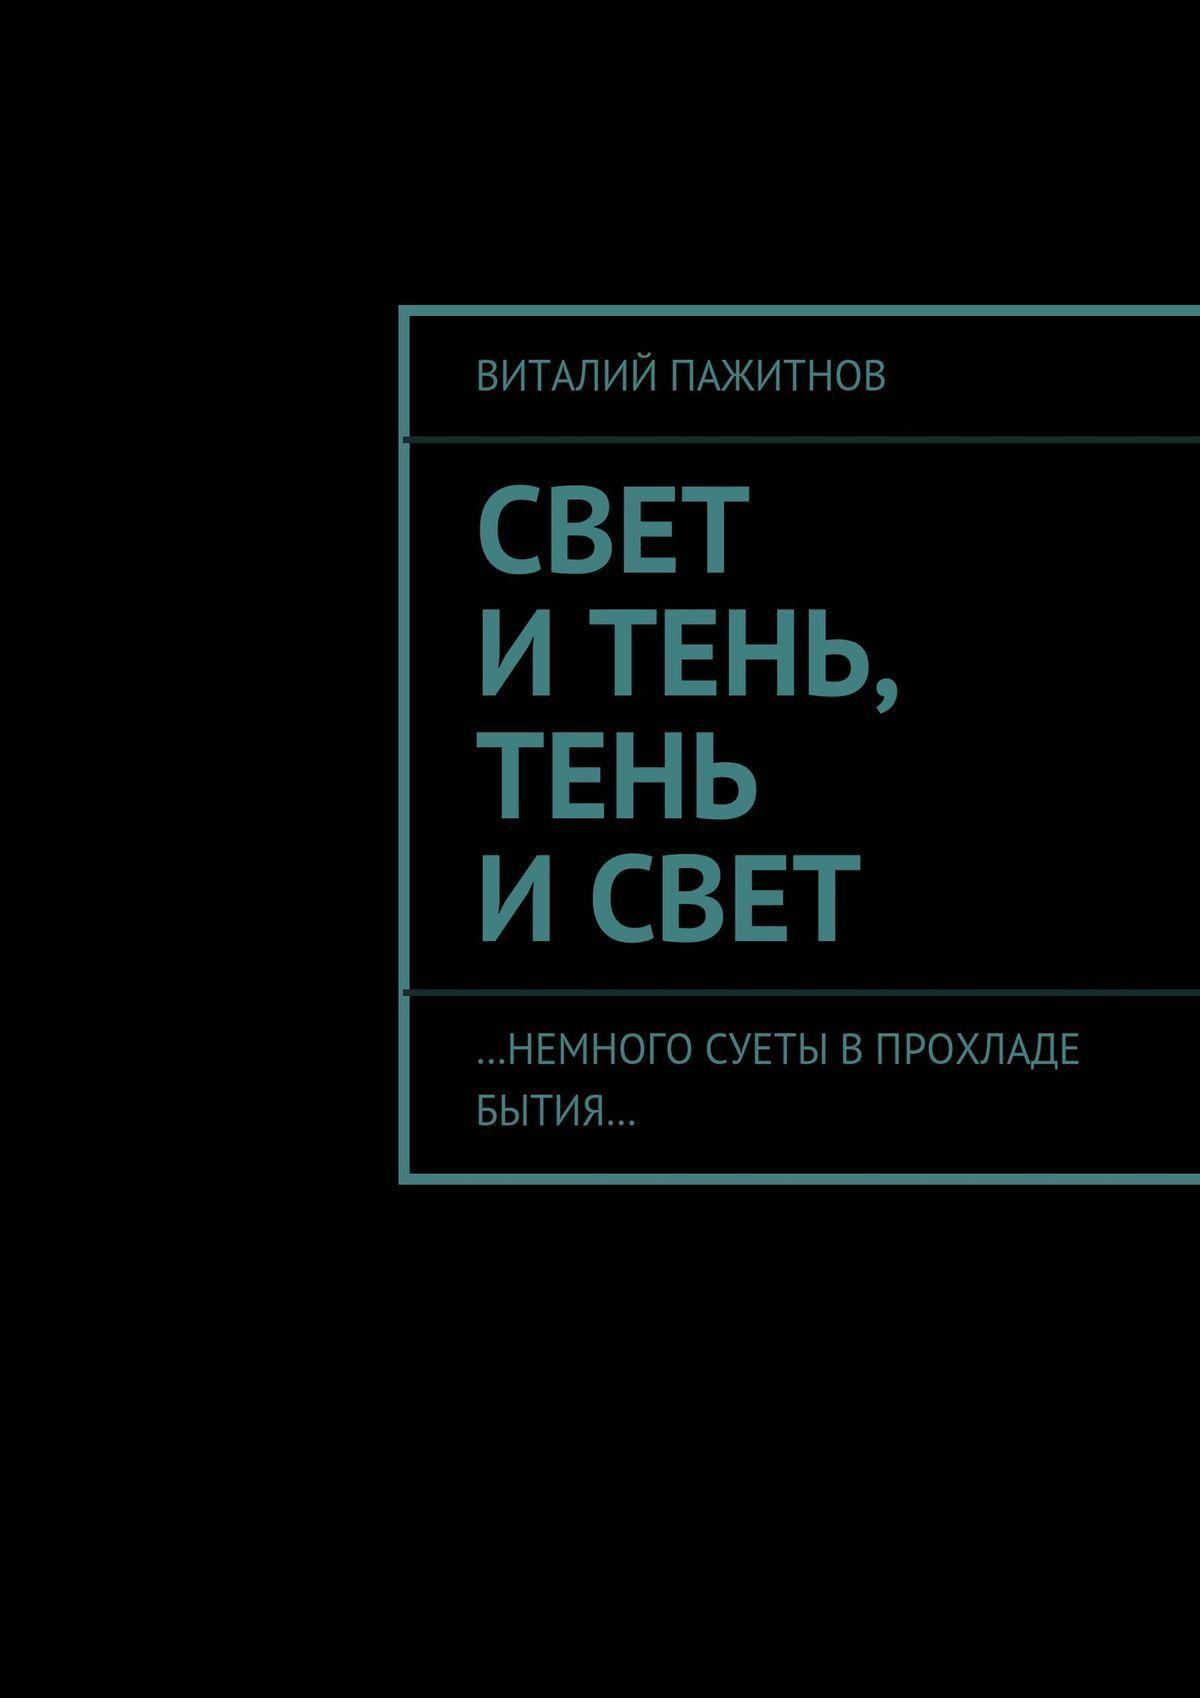 Виталий Владиславович Пажитнов Свет итень, тень исвет. …Немного суеты впрохладе бытия… книги эксмо крадущаяся тень